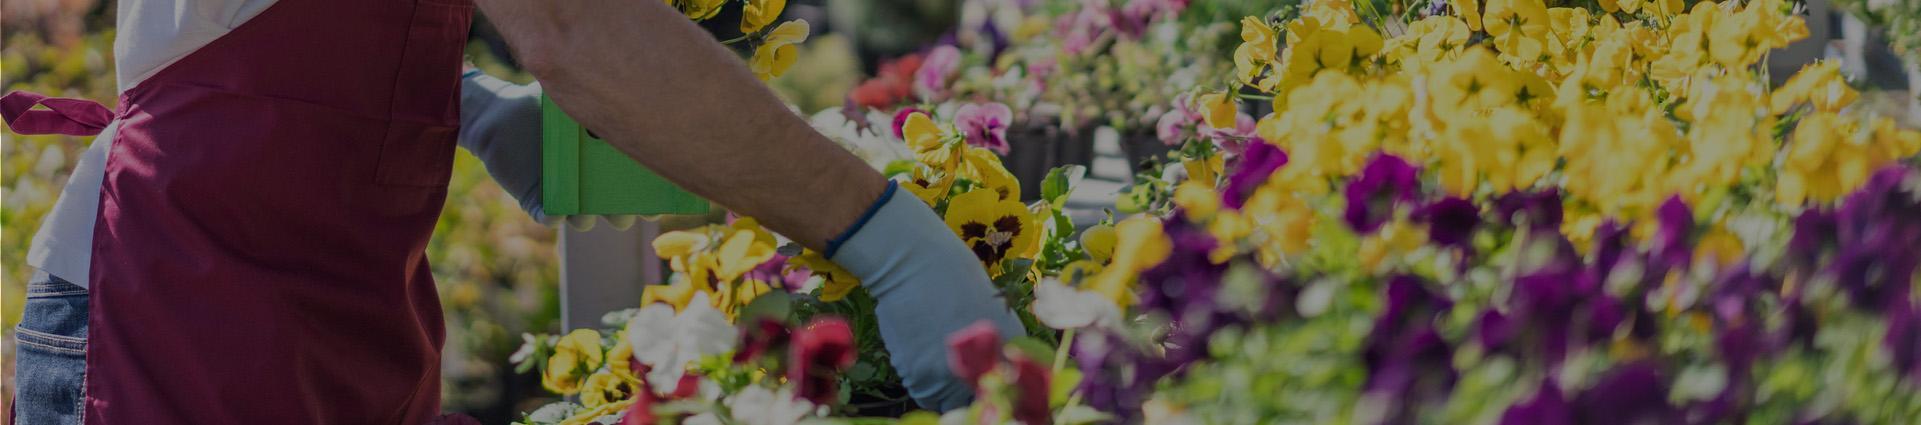 osoba dbająca o kwiaty